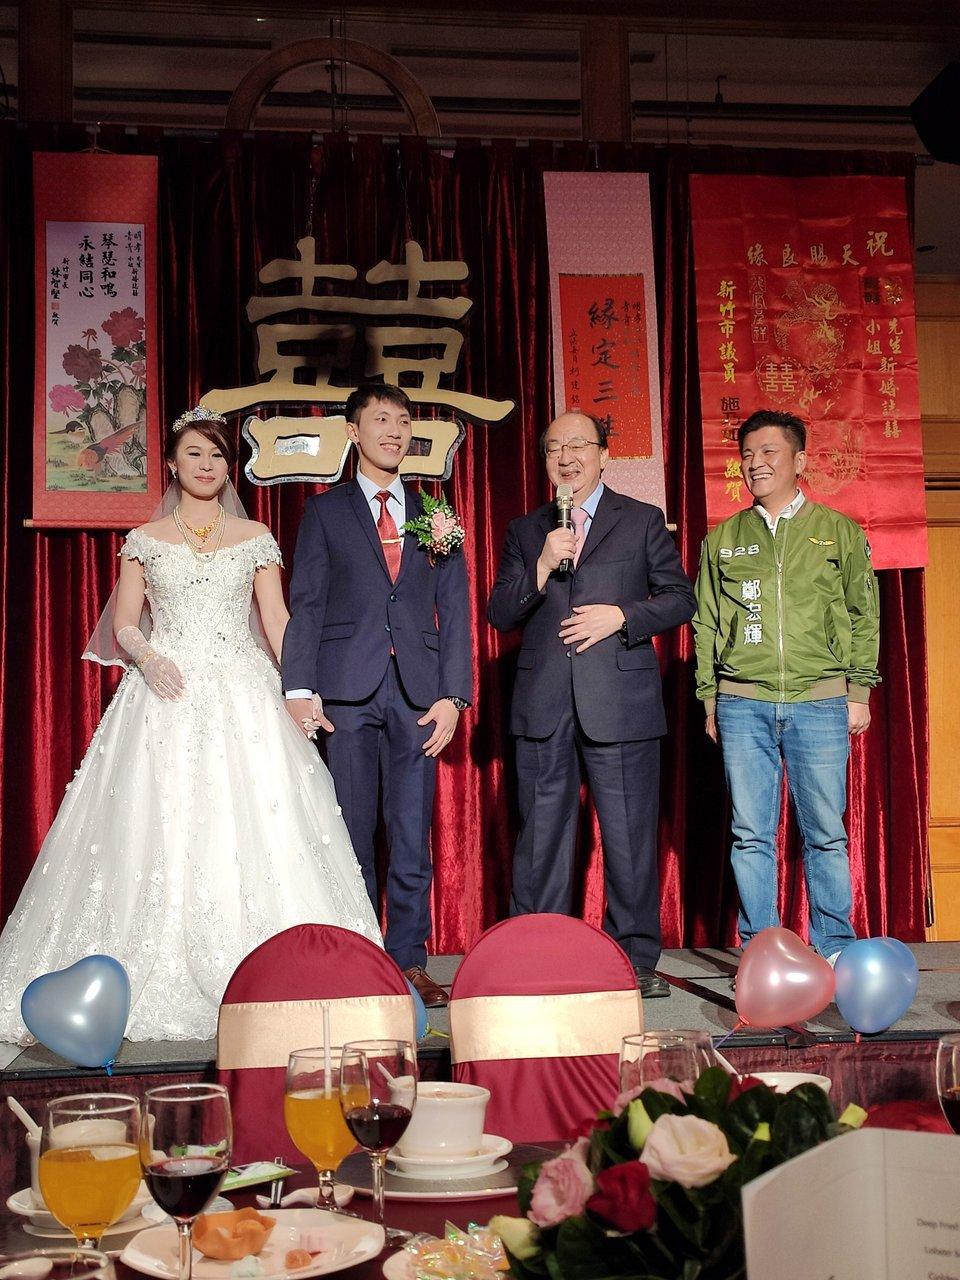 煙波大飯店-新竹湖濱館,結婚喜宴會場飯店服務